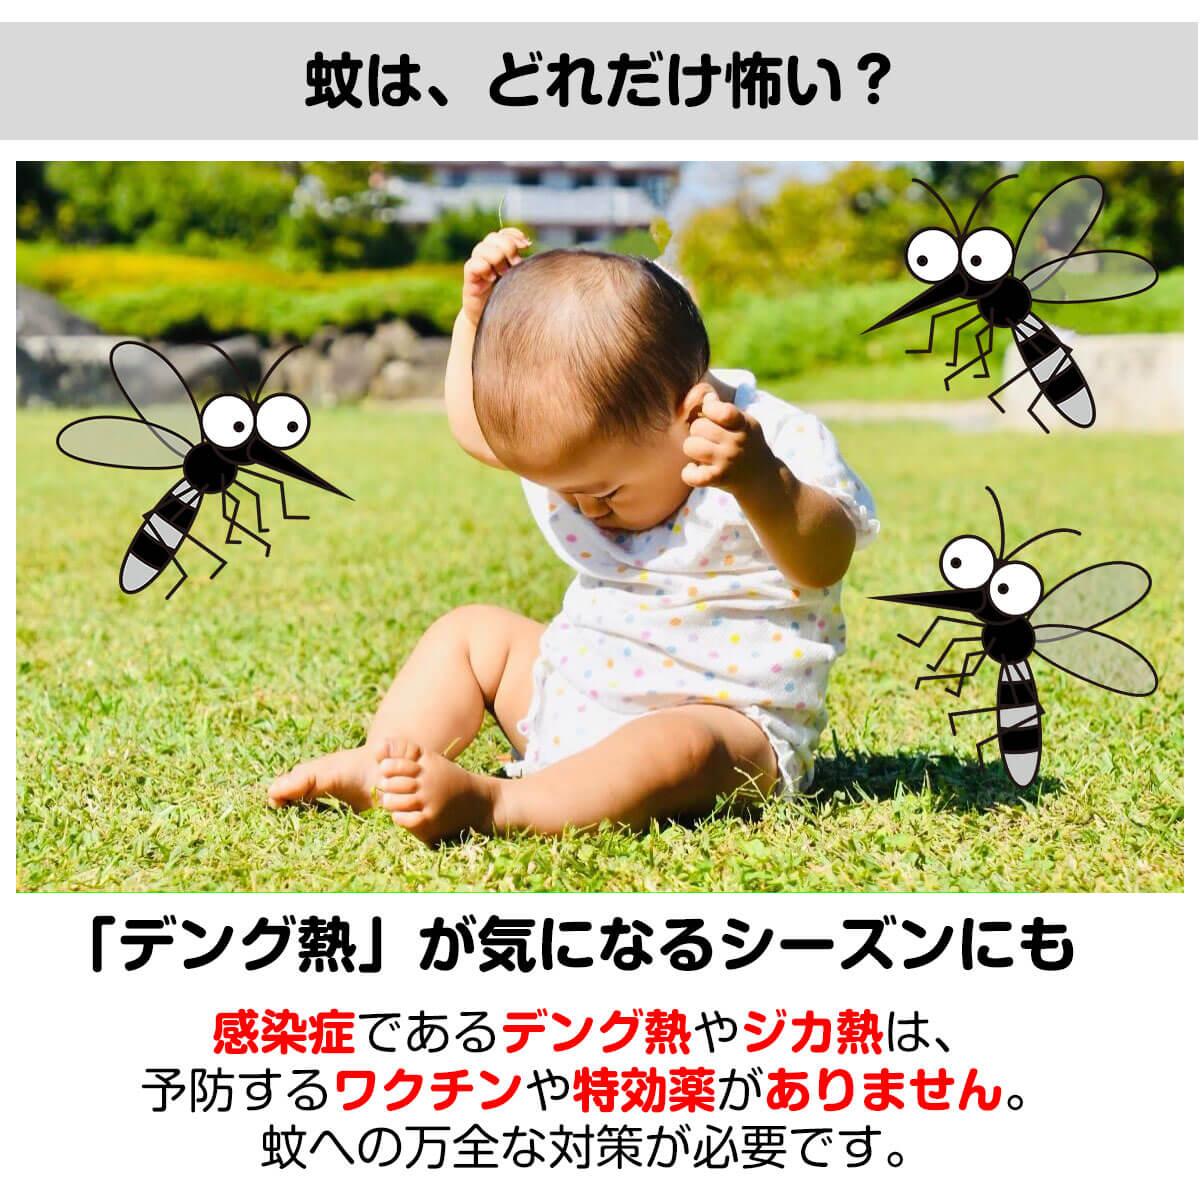 蚊への万全な対策